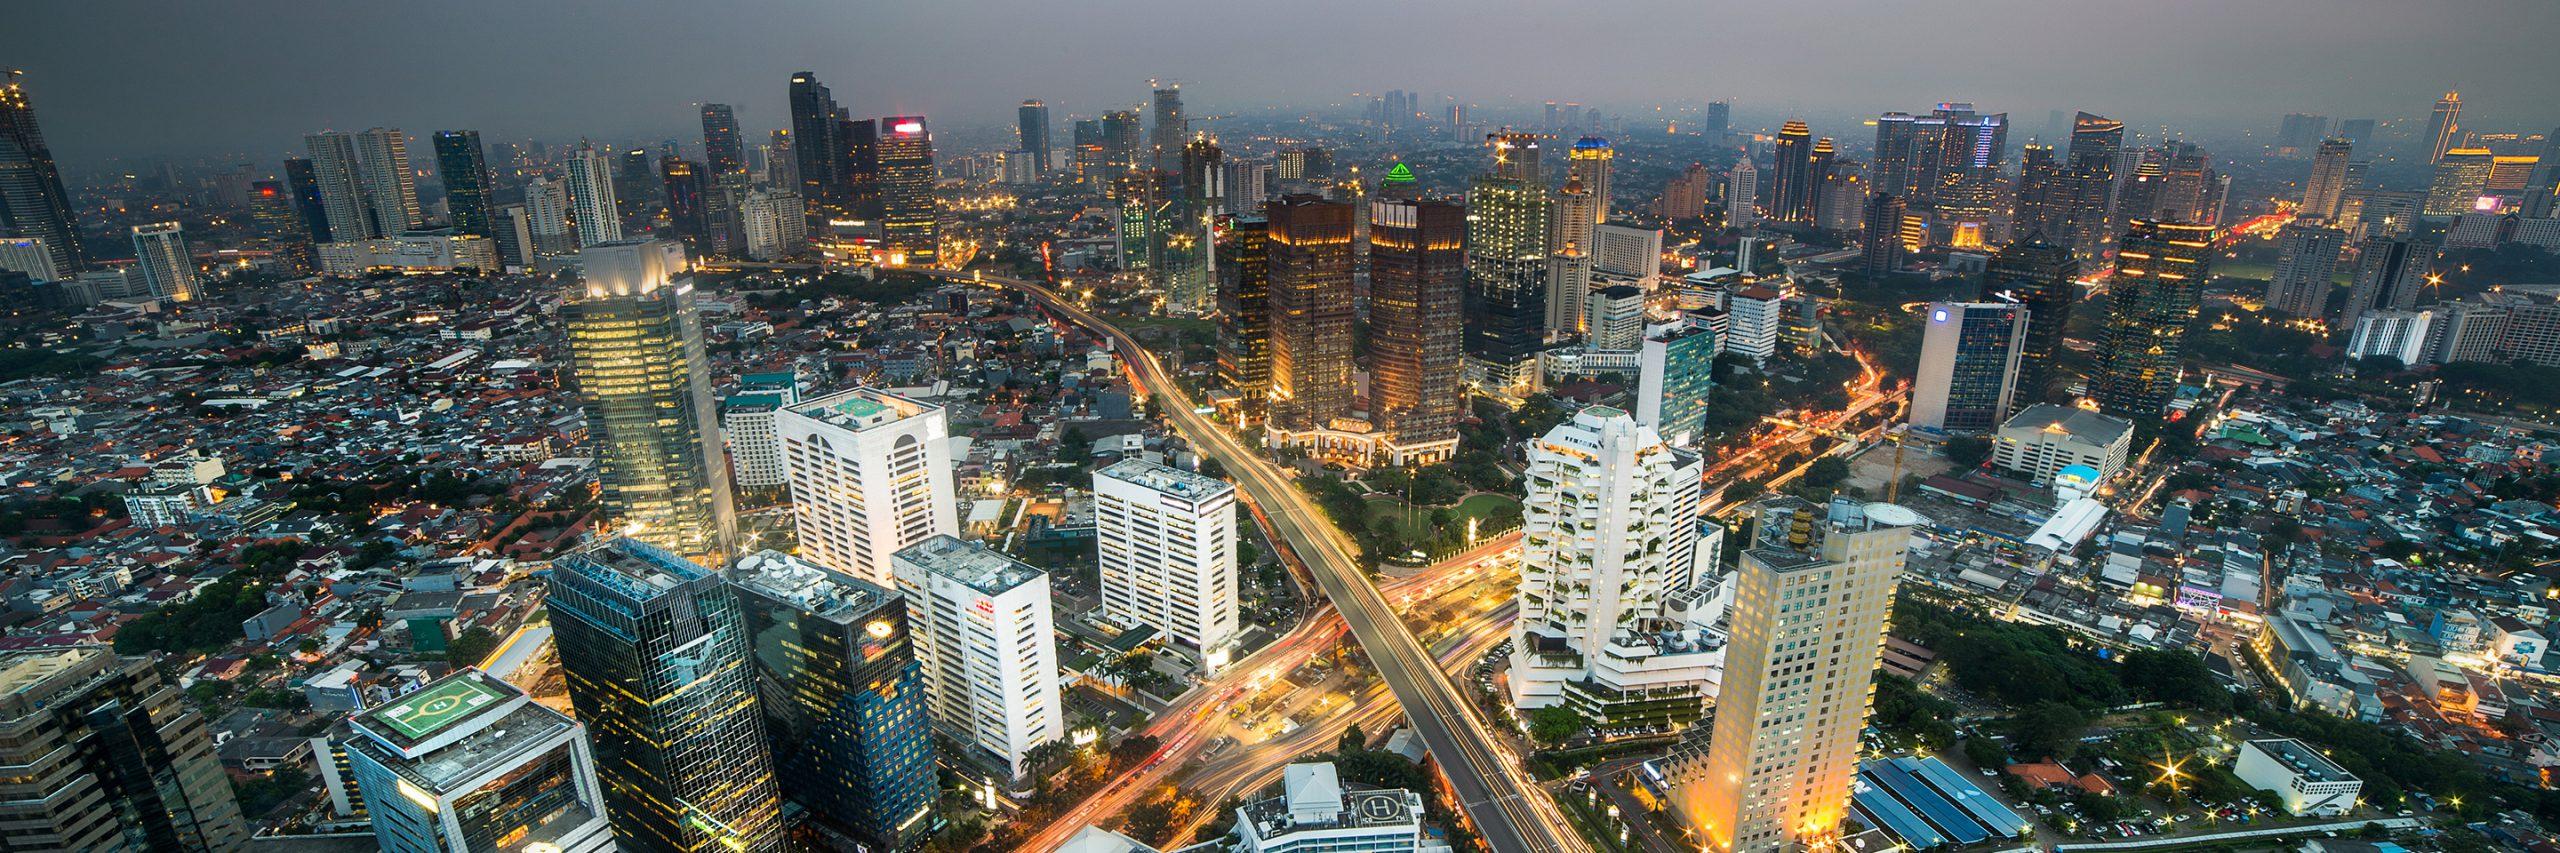 Ini Dia! 5 Kawasan Top Jakarta Paling Mahal dan Prestisius